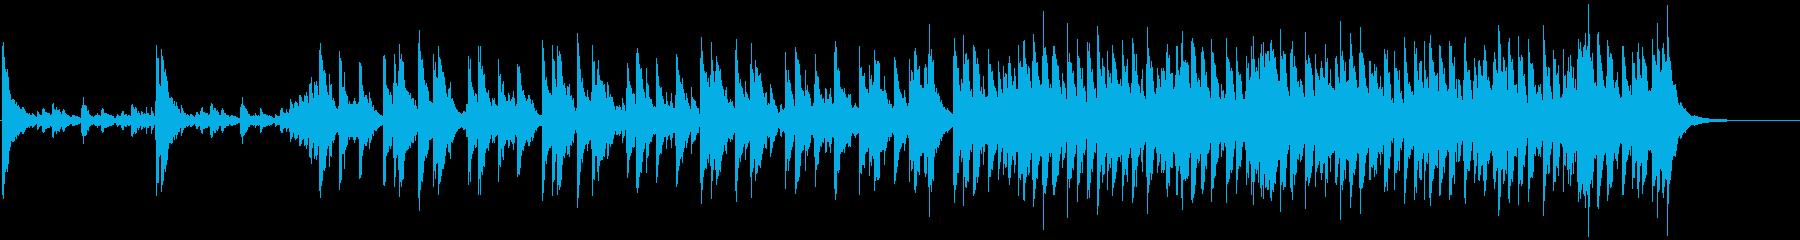 和太鼓アンサンブル(声なし)、力強いcの再生済みの波形